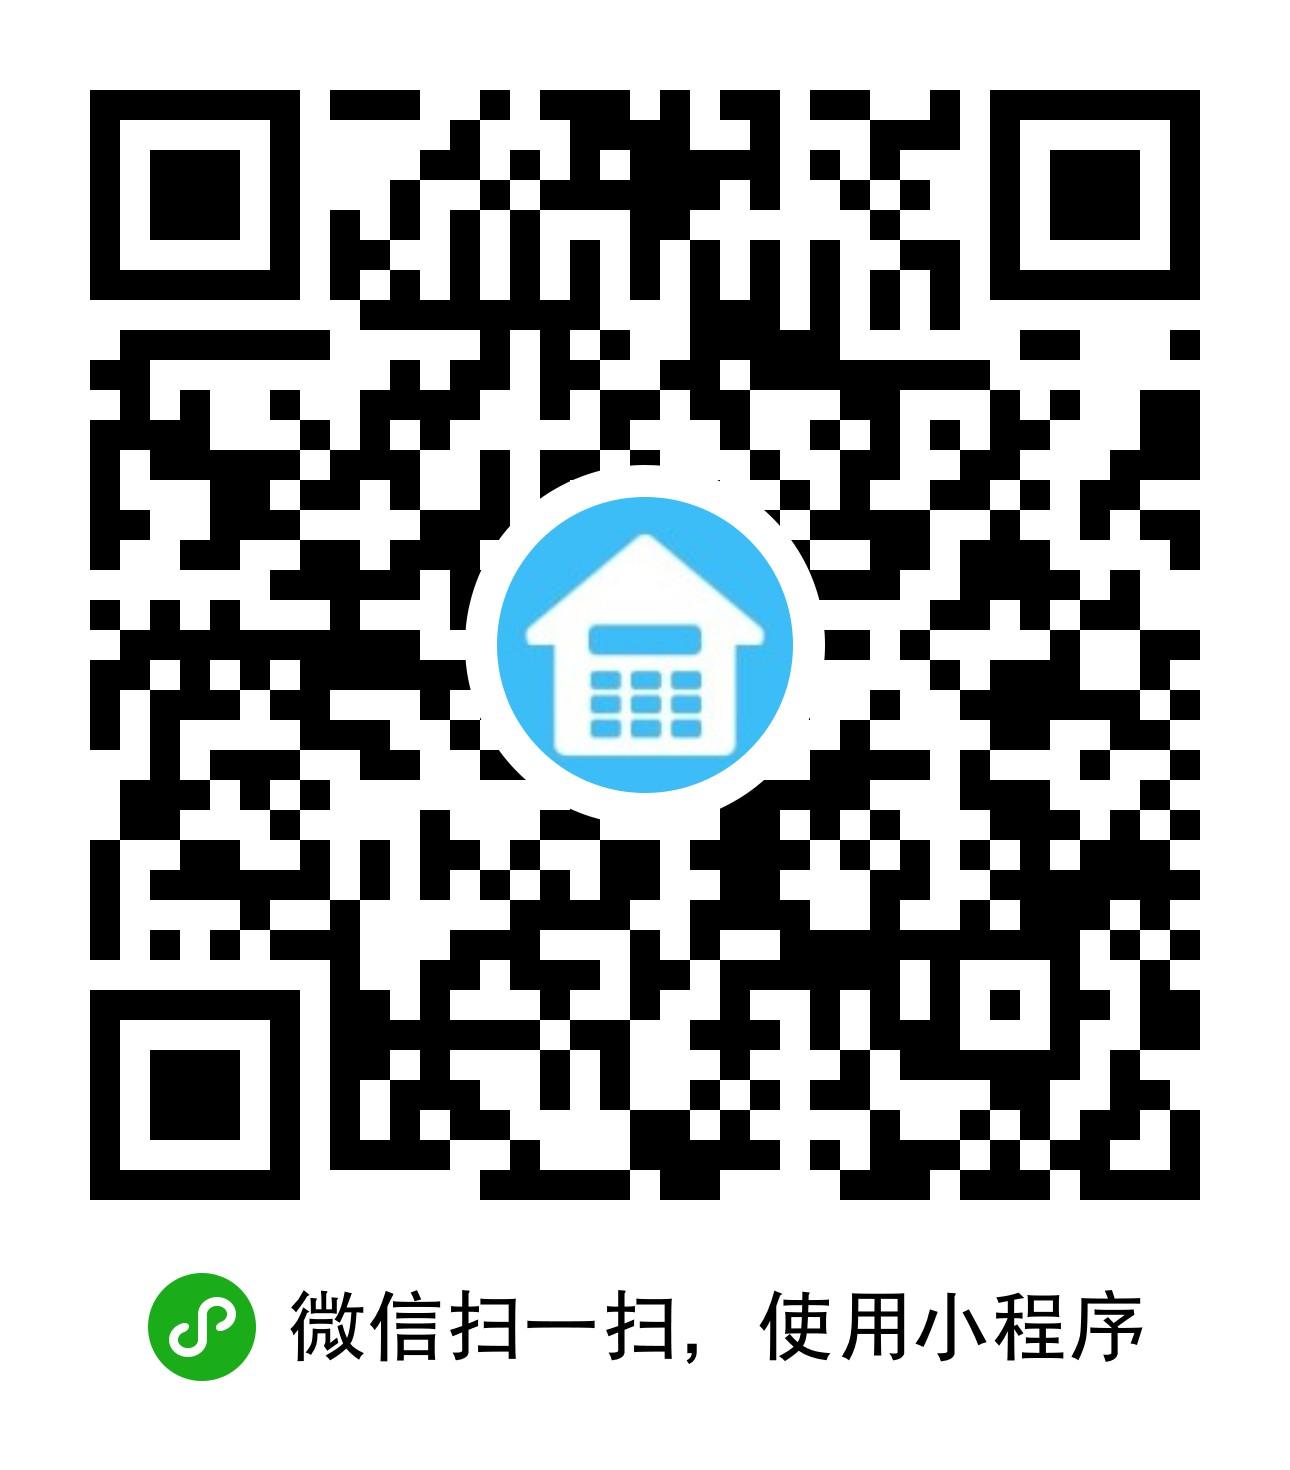 上海房产税计算器 微信小程序